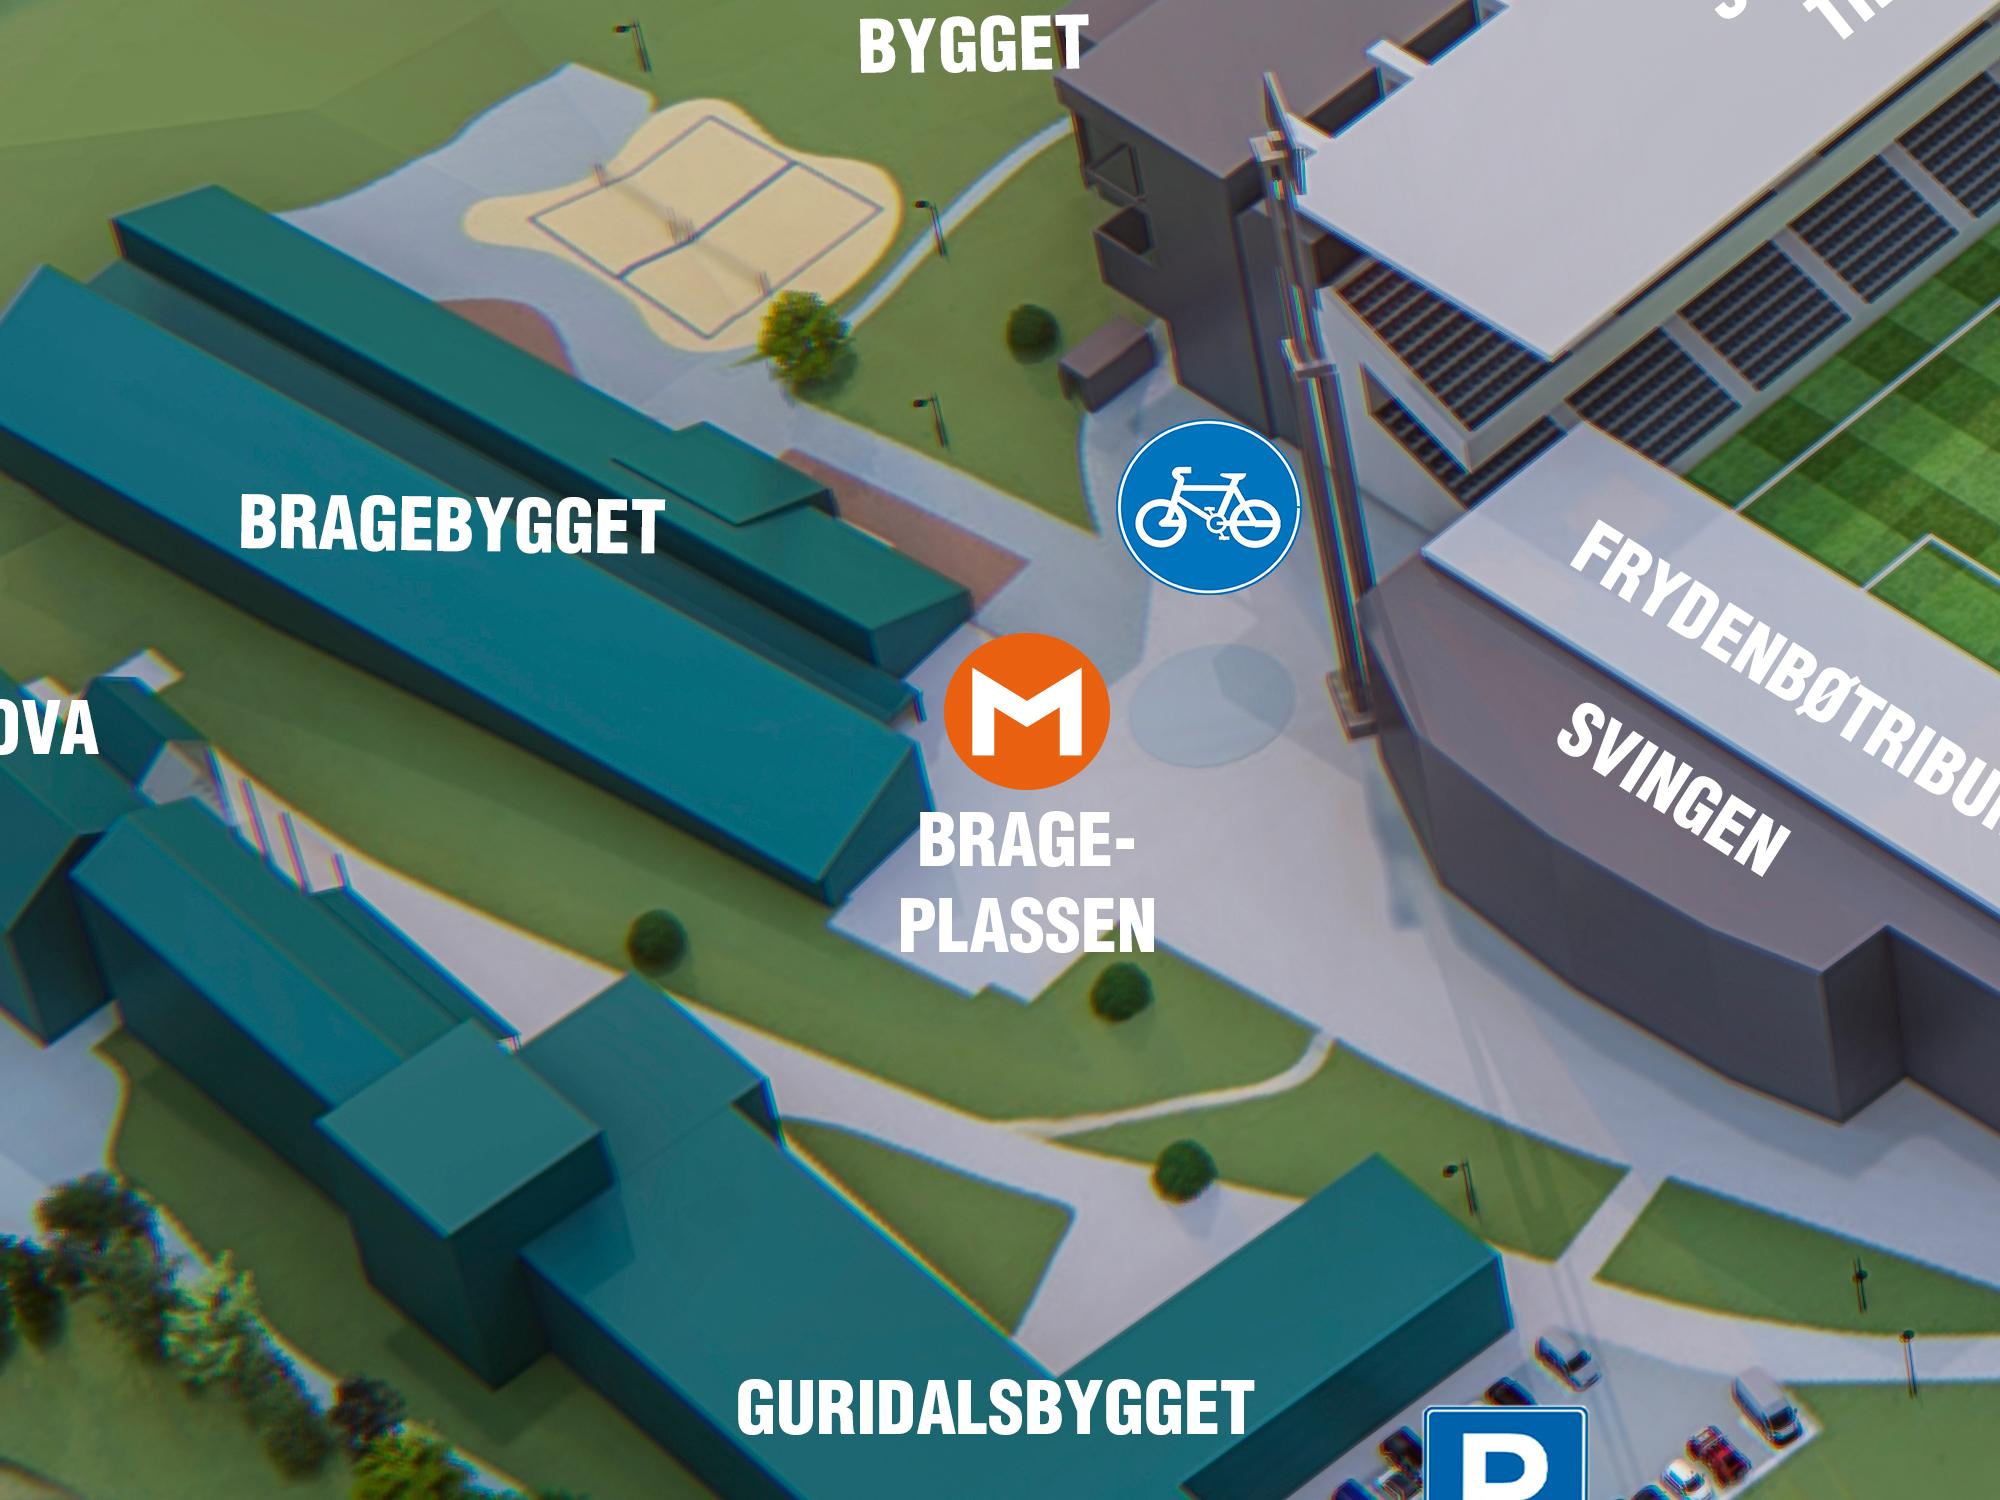 Brage-plassen - Brage er i den norrøne mytologien guden for dikting og skaldekunst. Dette er møteplassen framfor det som tidlegare var Sogndal gymnas/vidaregåande skule, og som i dag er HVL. Sentralt møtepunkt for deg som skal på fotballkamp,til Høgskulen på Vestlandet eller til Innovasjonsbygget.